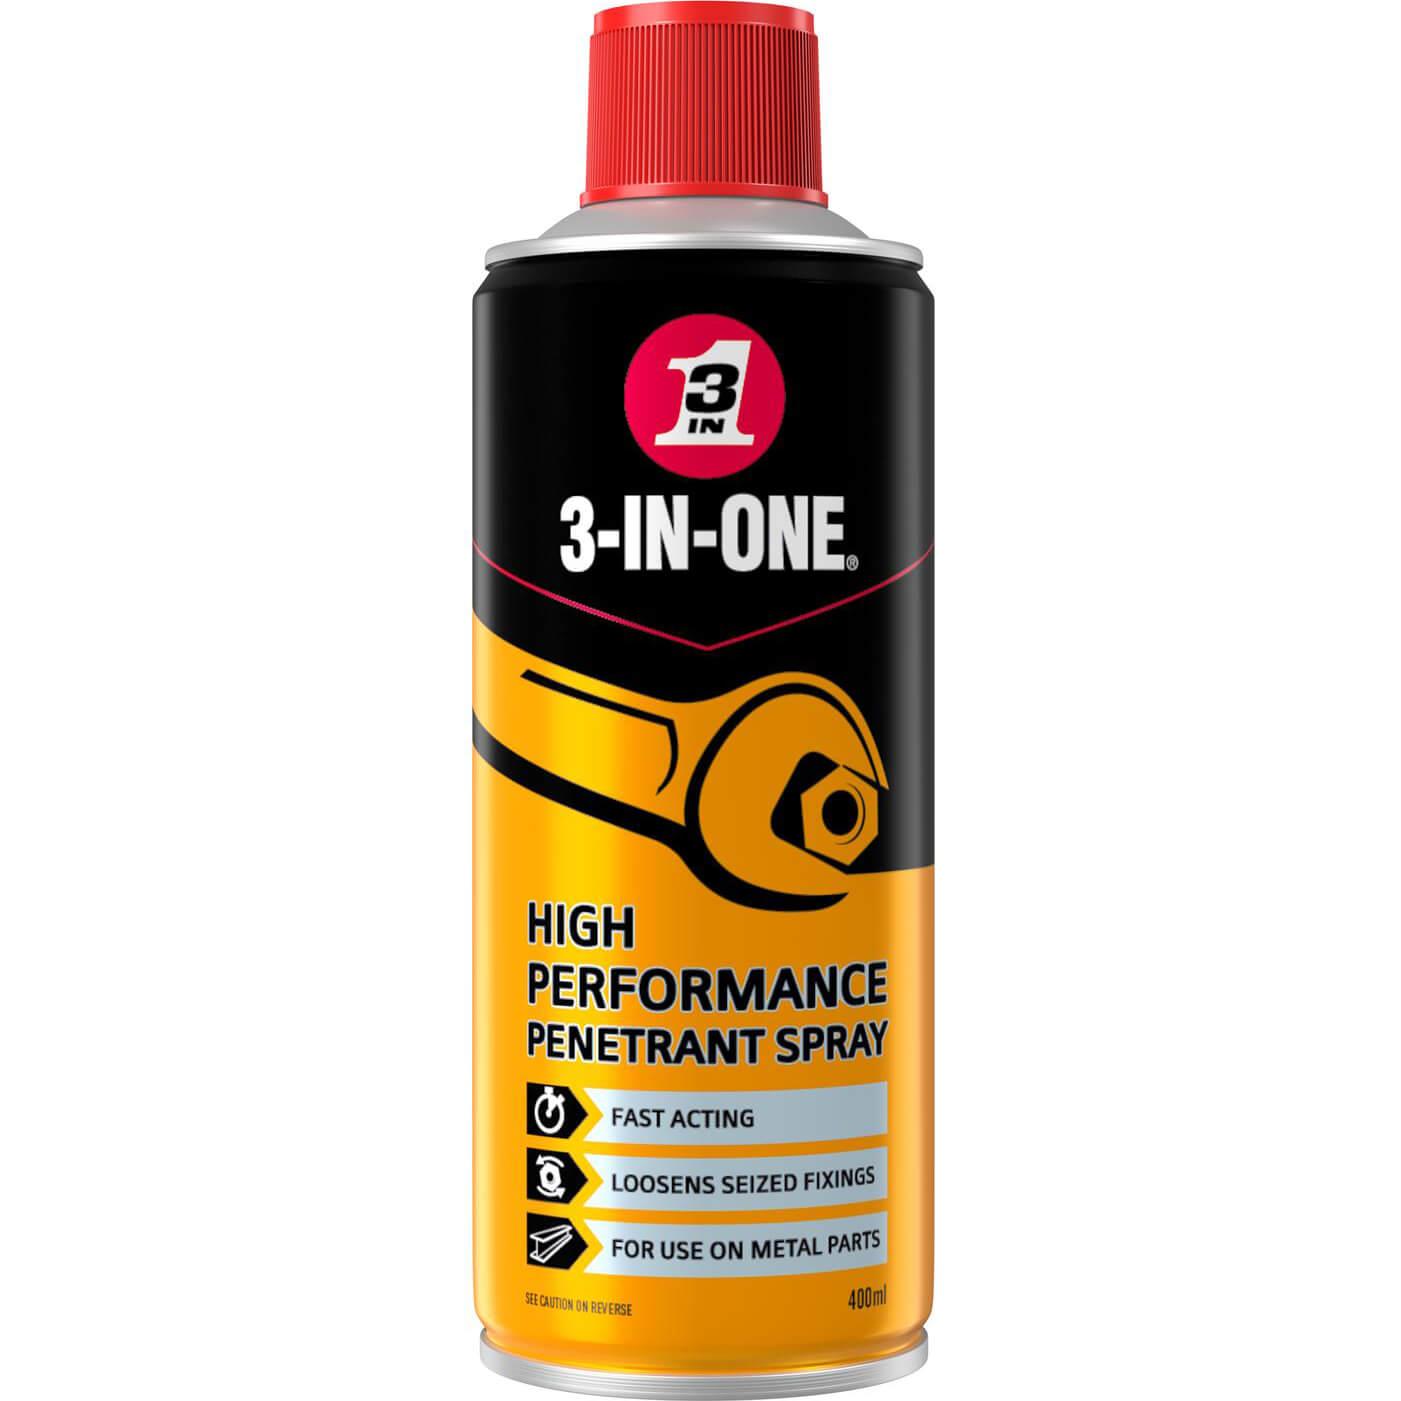 3 In 1 Penetrant Spray